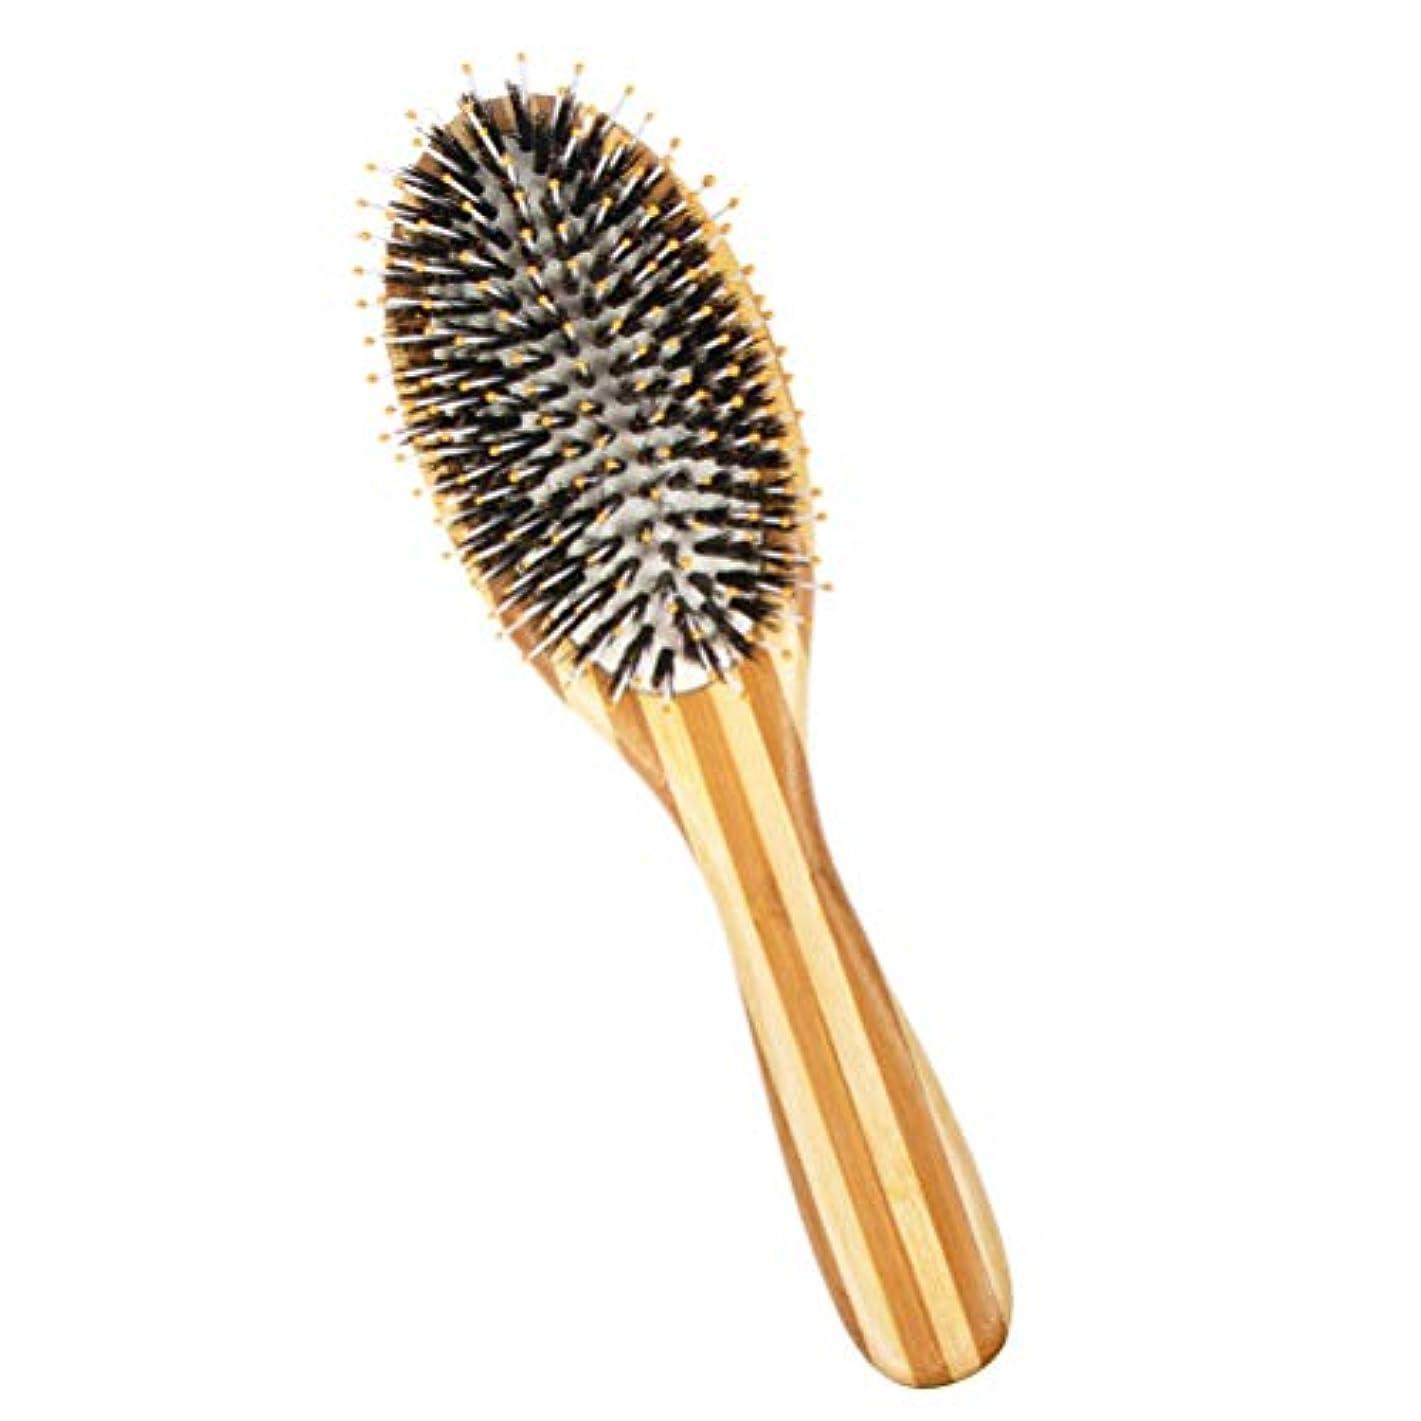 物語論争大使Heallily ヘアブラシ1ピース剛毛ヘアブラシマッサージくし天然竹スムージングくし男性と女性のための髪の質感を向上させる